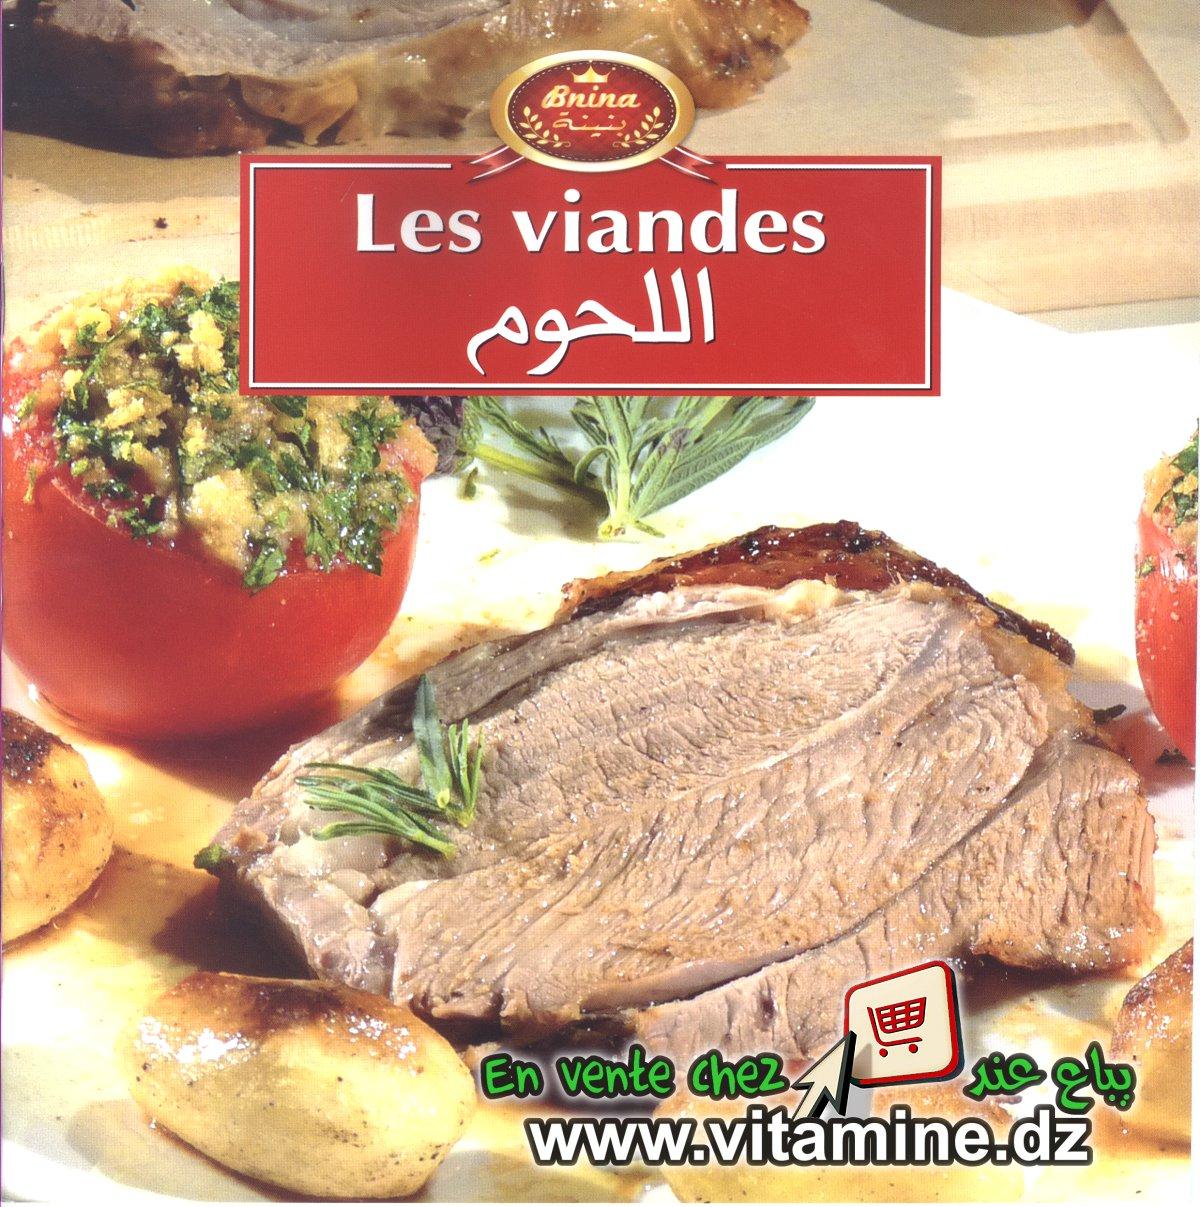 Bnina - Les viandes